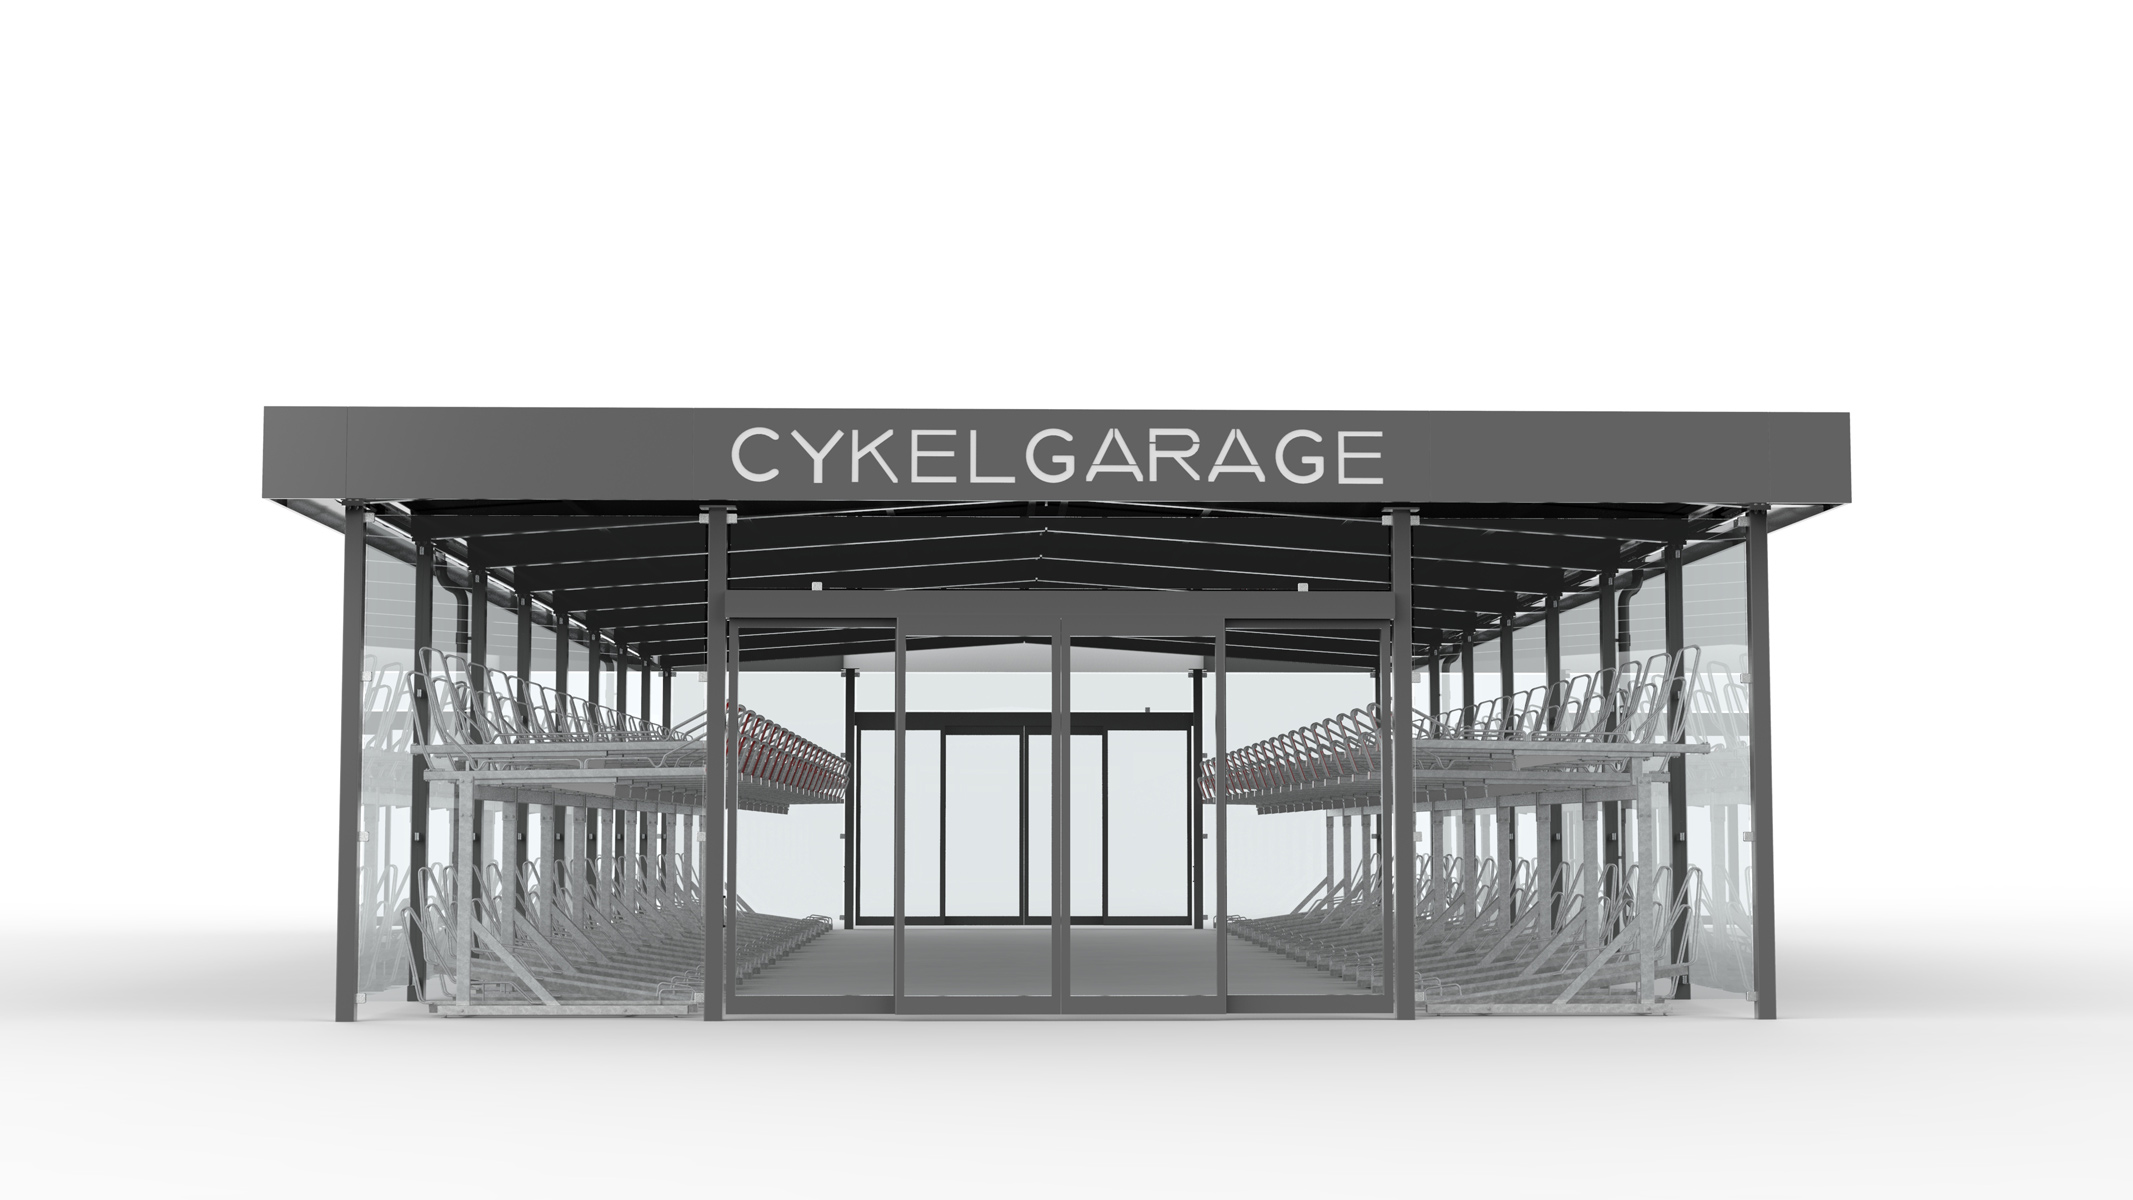 Rendering av LINK cykelgarage för offentlig miljö med tvåvåningsställ OPTIMA och texten cykelgarage på takprofilen